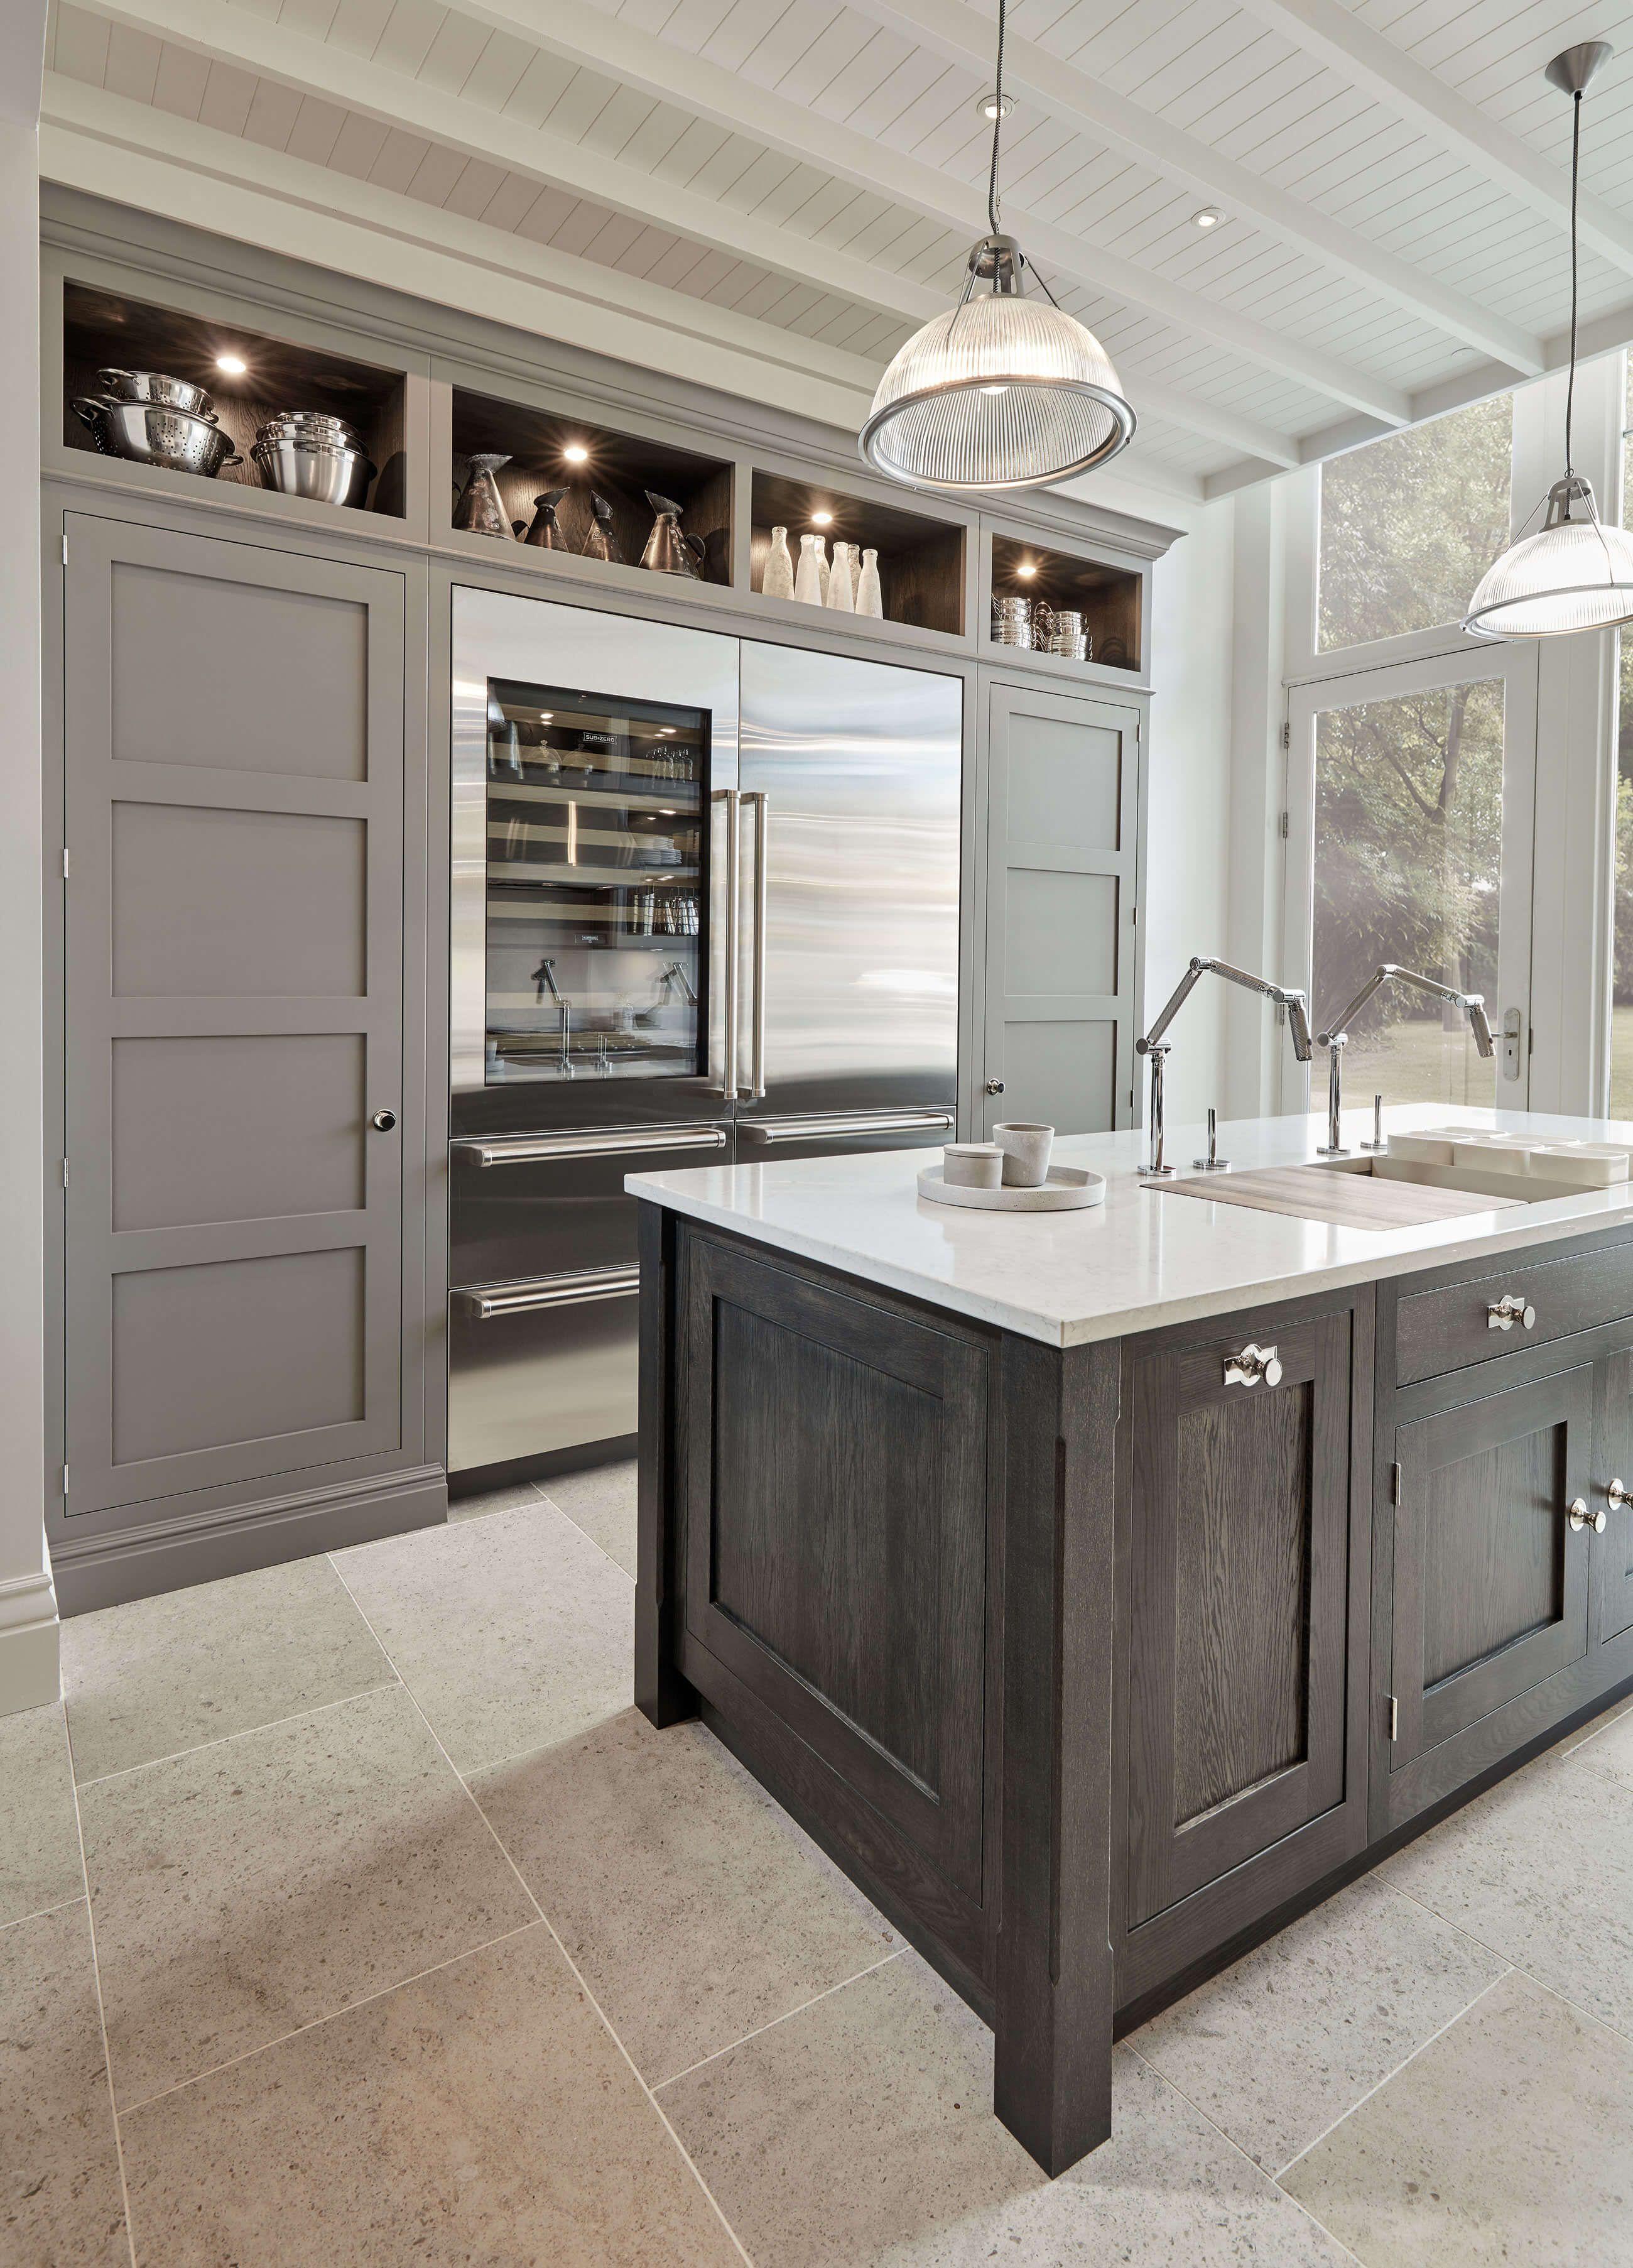 modern grey kitchen modern grey kitchen luxury kitchens modern kitchen design on kitchen interior grey wood id=88400